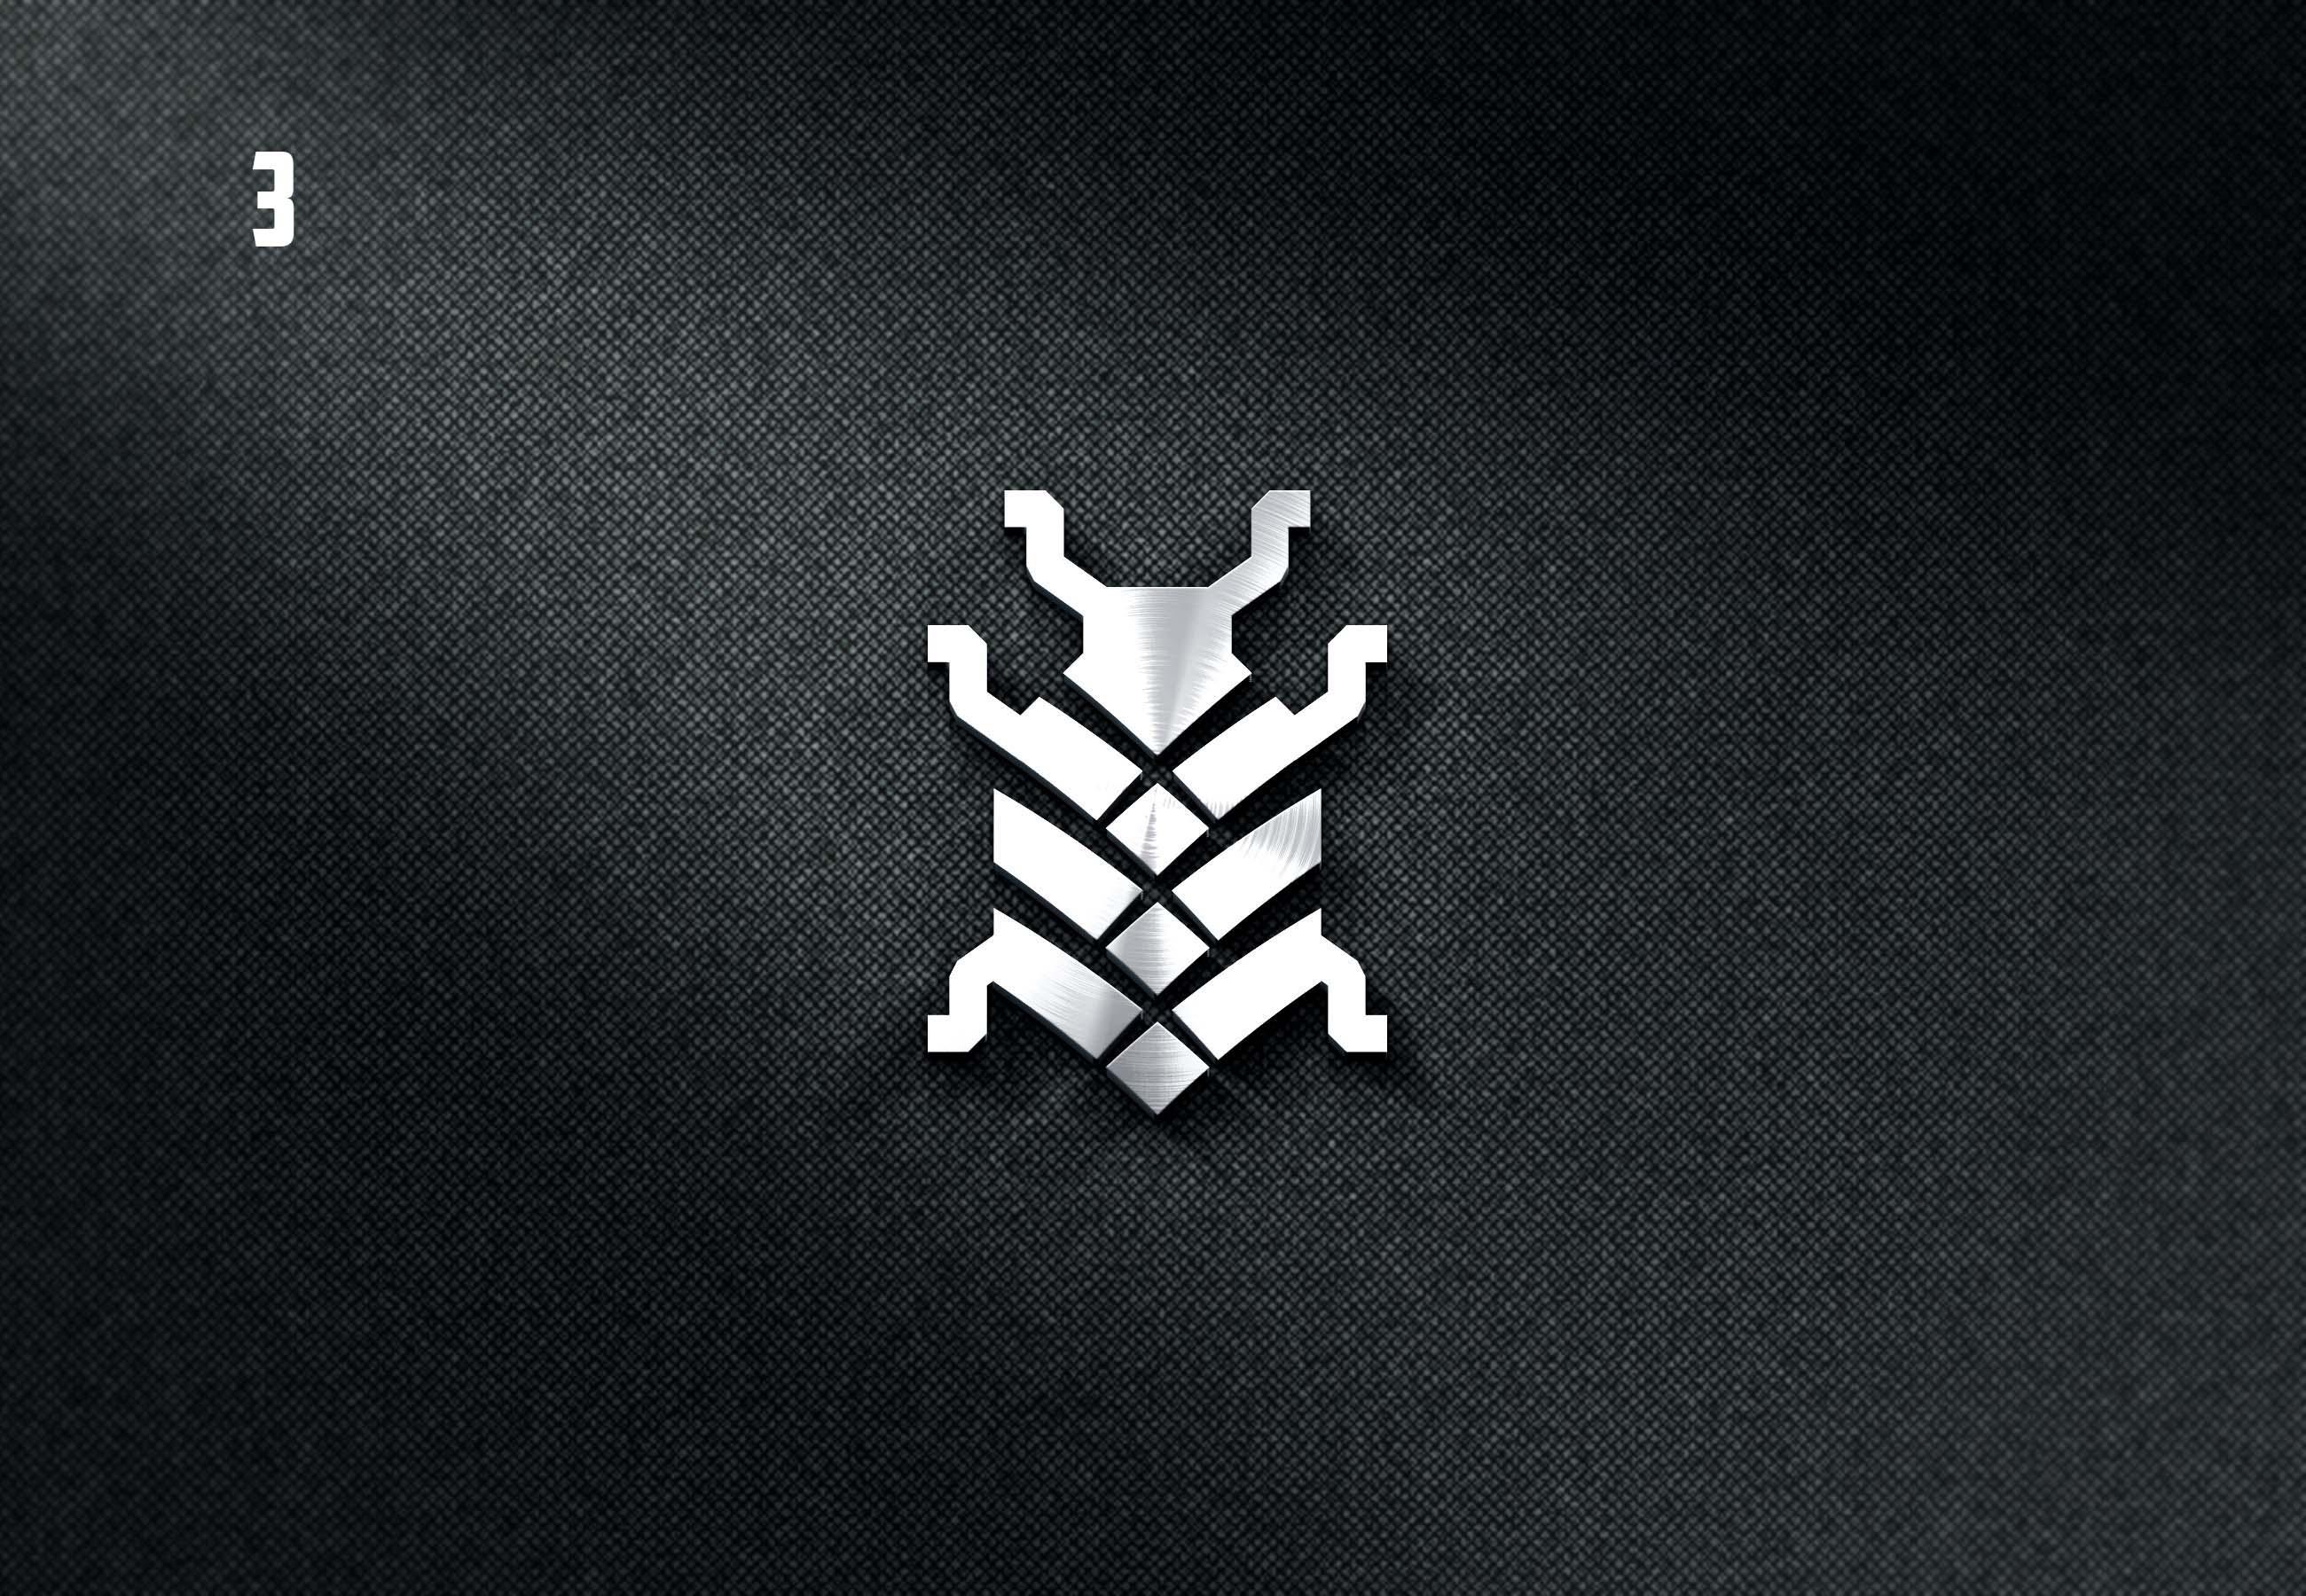 Нужен логотип (эмблема) для самодельного квадроцикла фото f_5595b10333e12f46.jpg